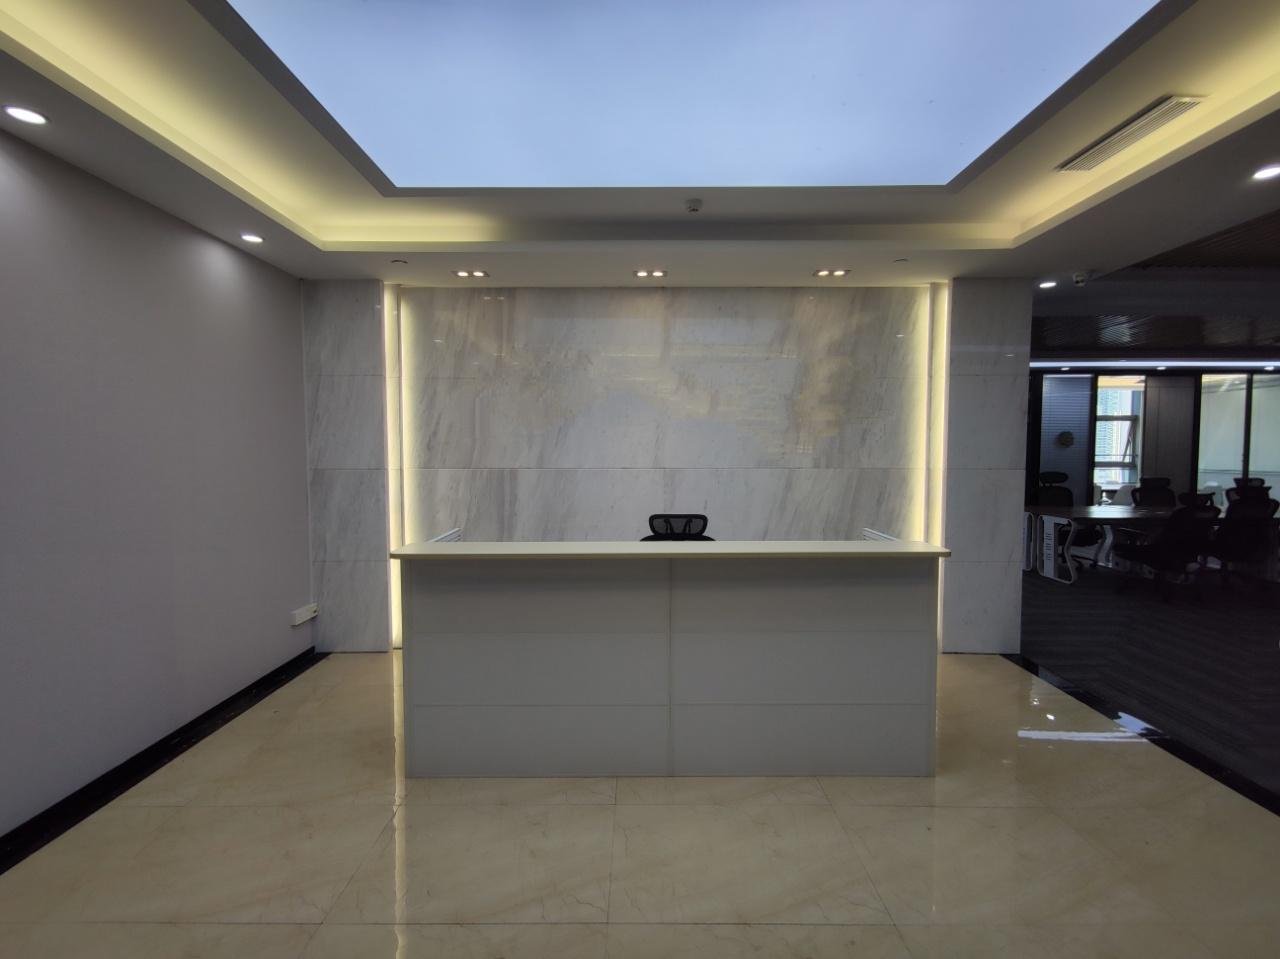 南山科技园 粤美特大厦开发商直租 精装修272平 高使用率户型方正 地铁上盖